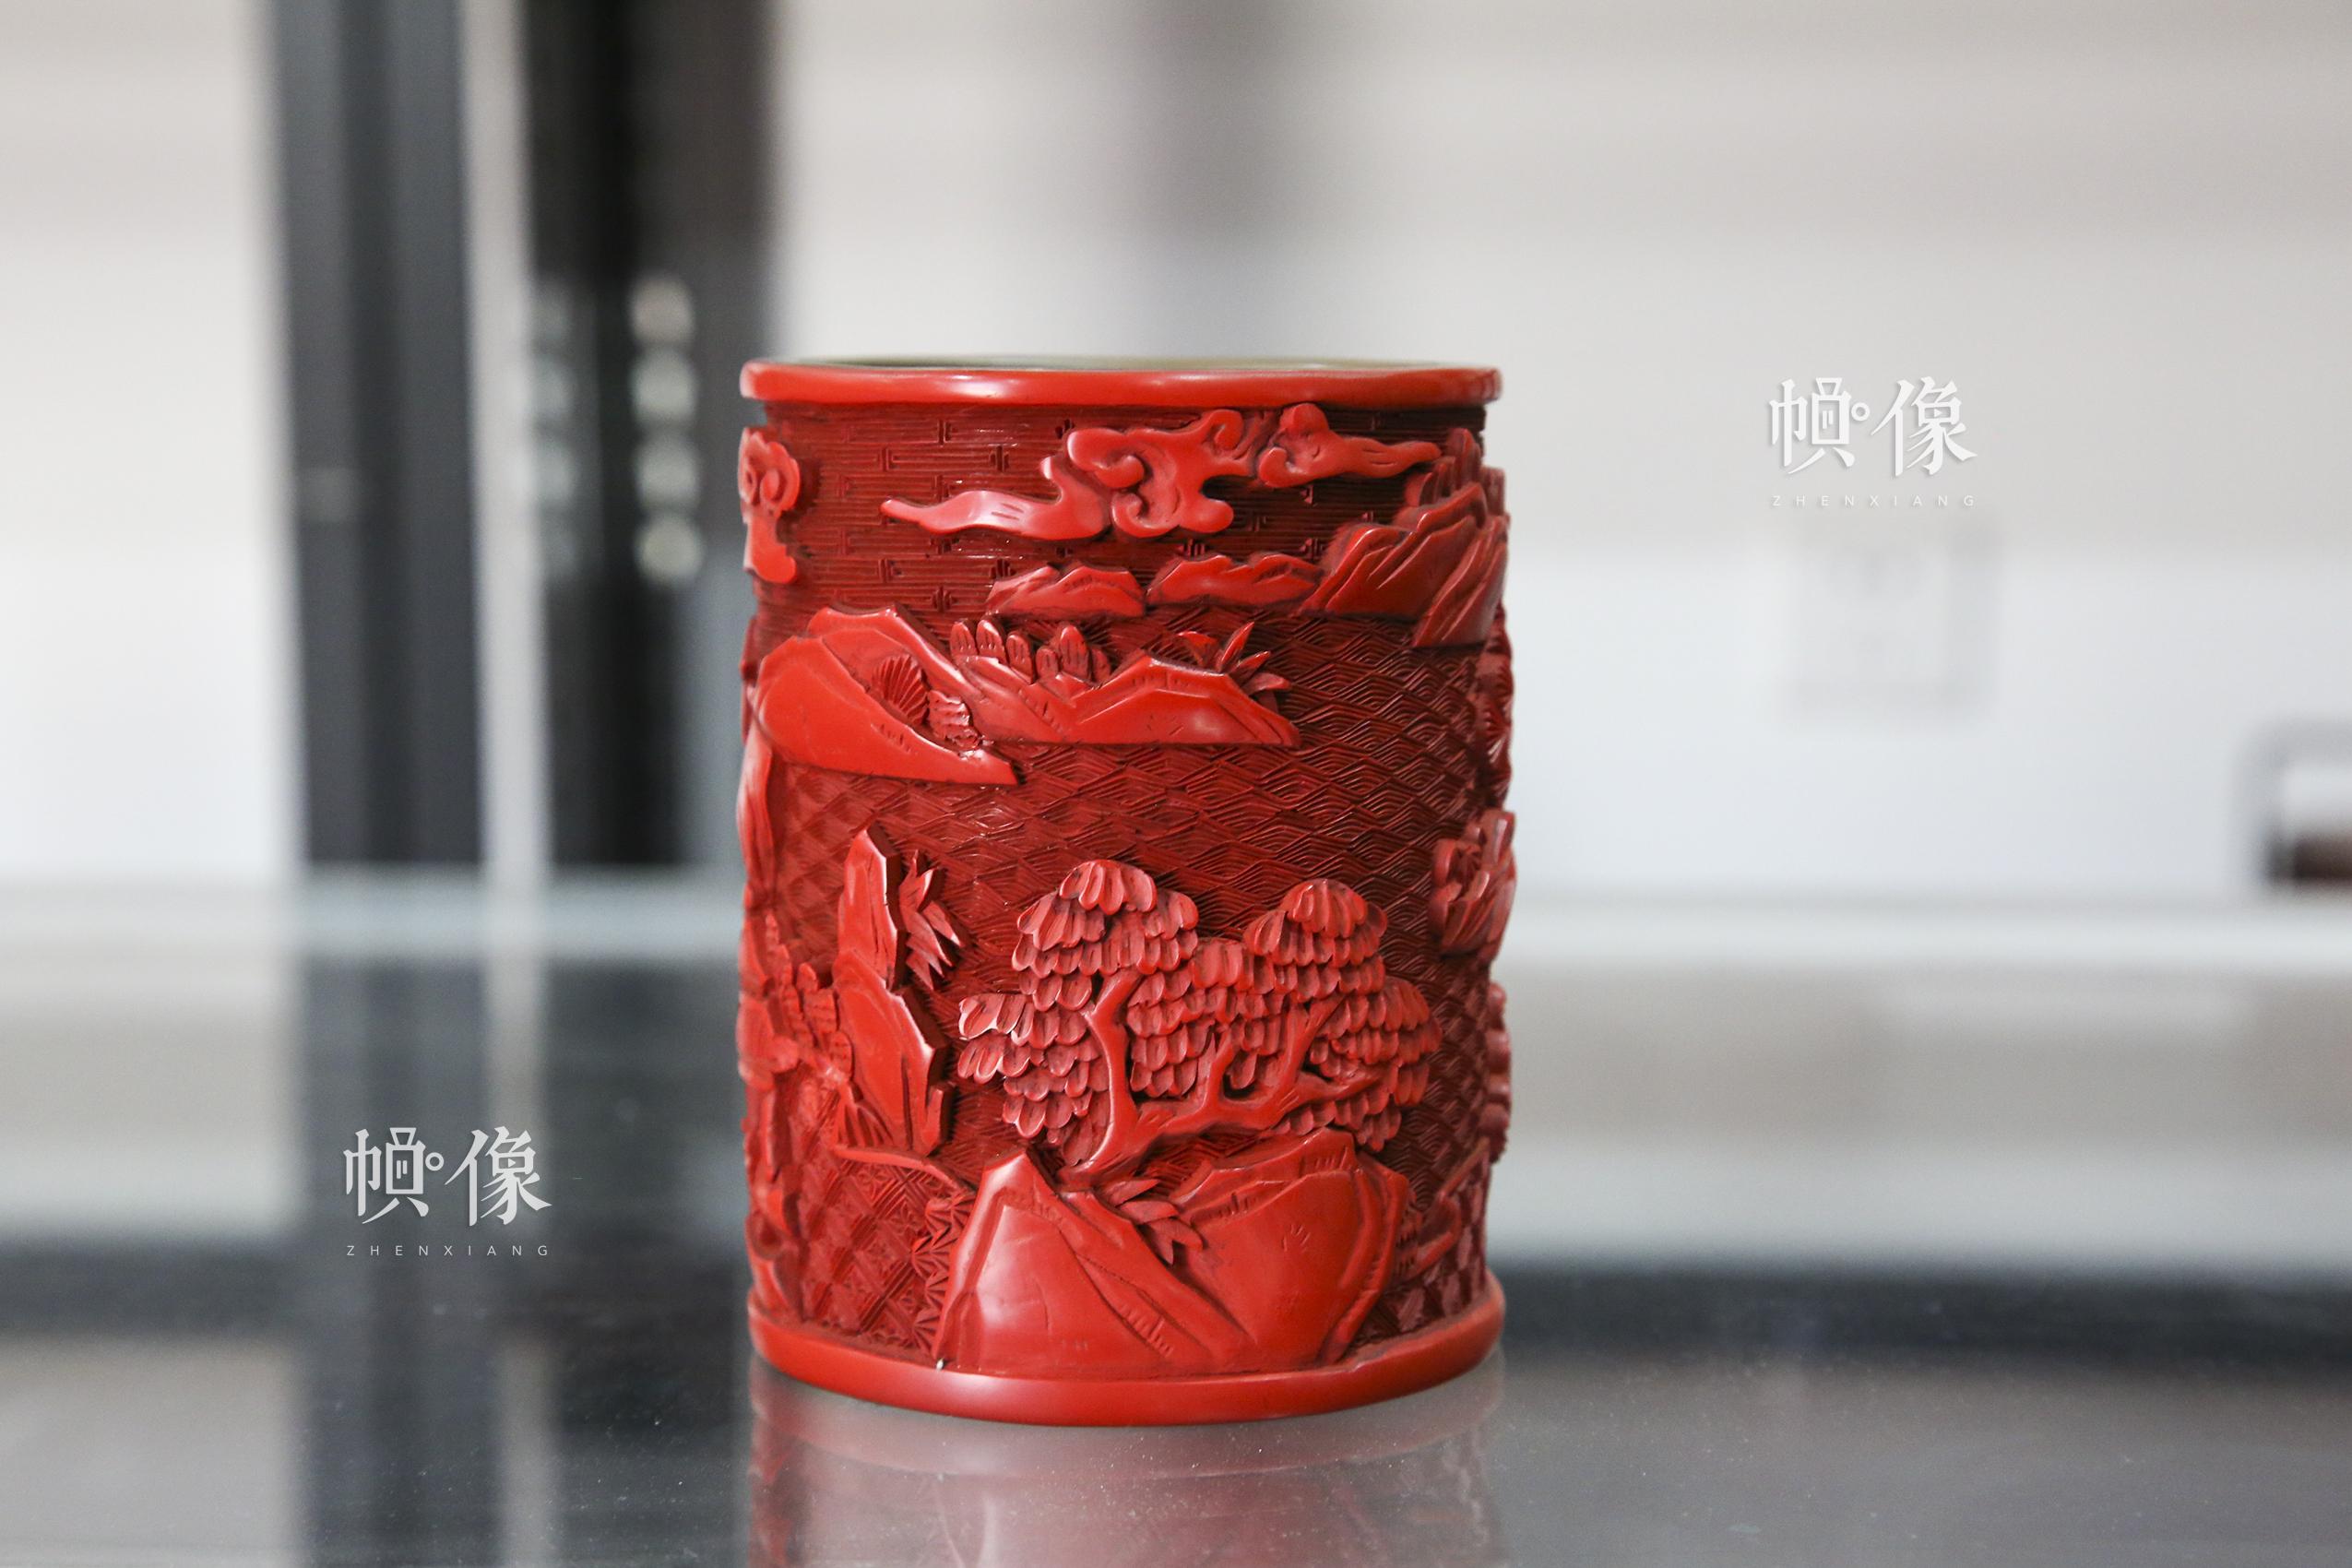 2017年9月20日,昌平雕漆制作工厂,北京工艺美术雕漆大师杨之新制作的雕漆丹凤朝阳笔筒。中国网记者 黄富友 摄